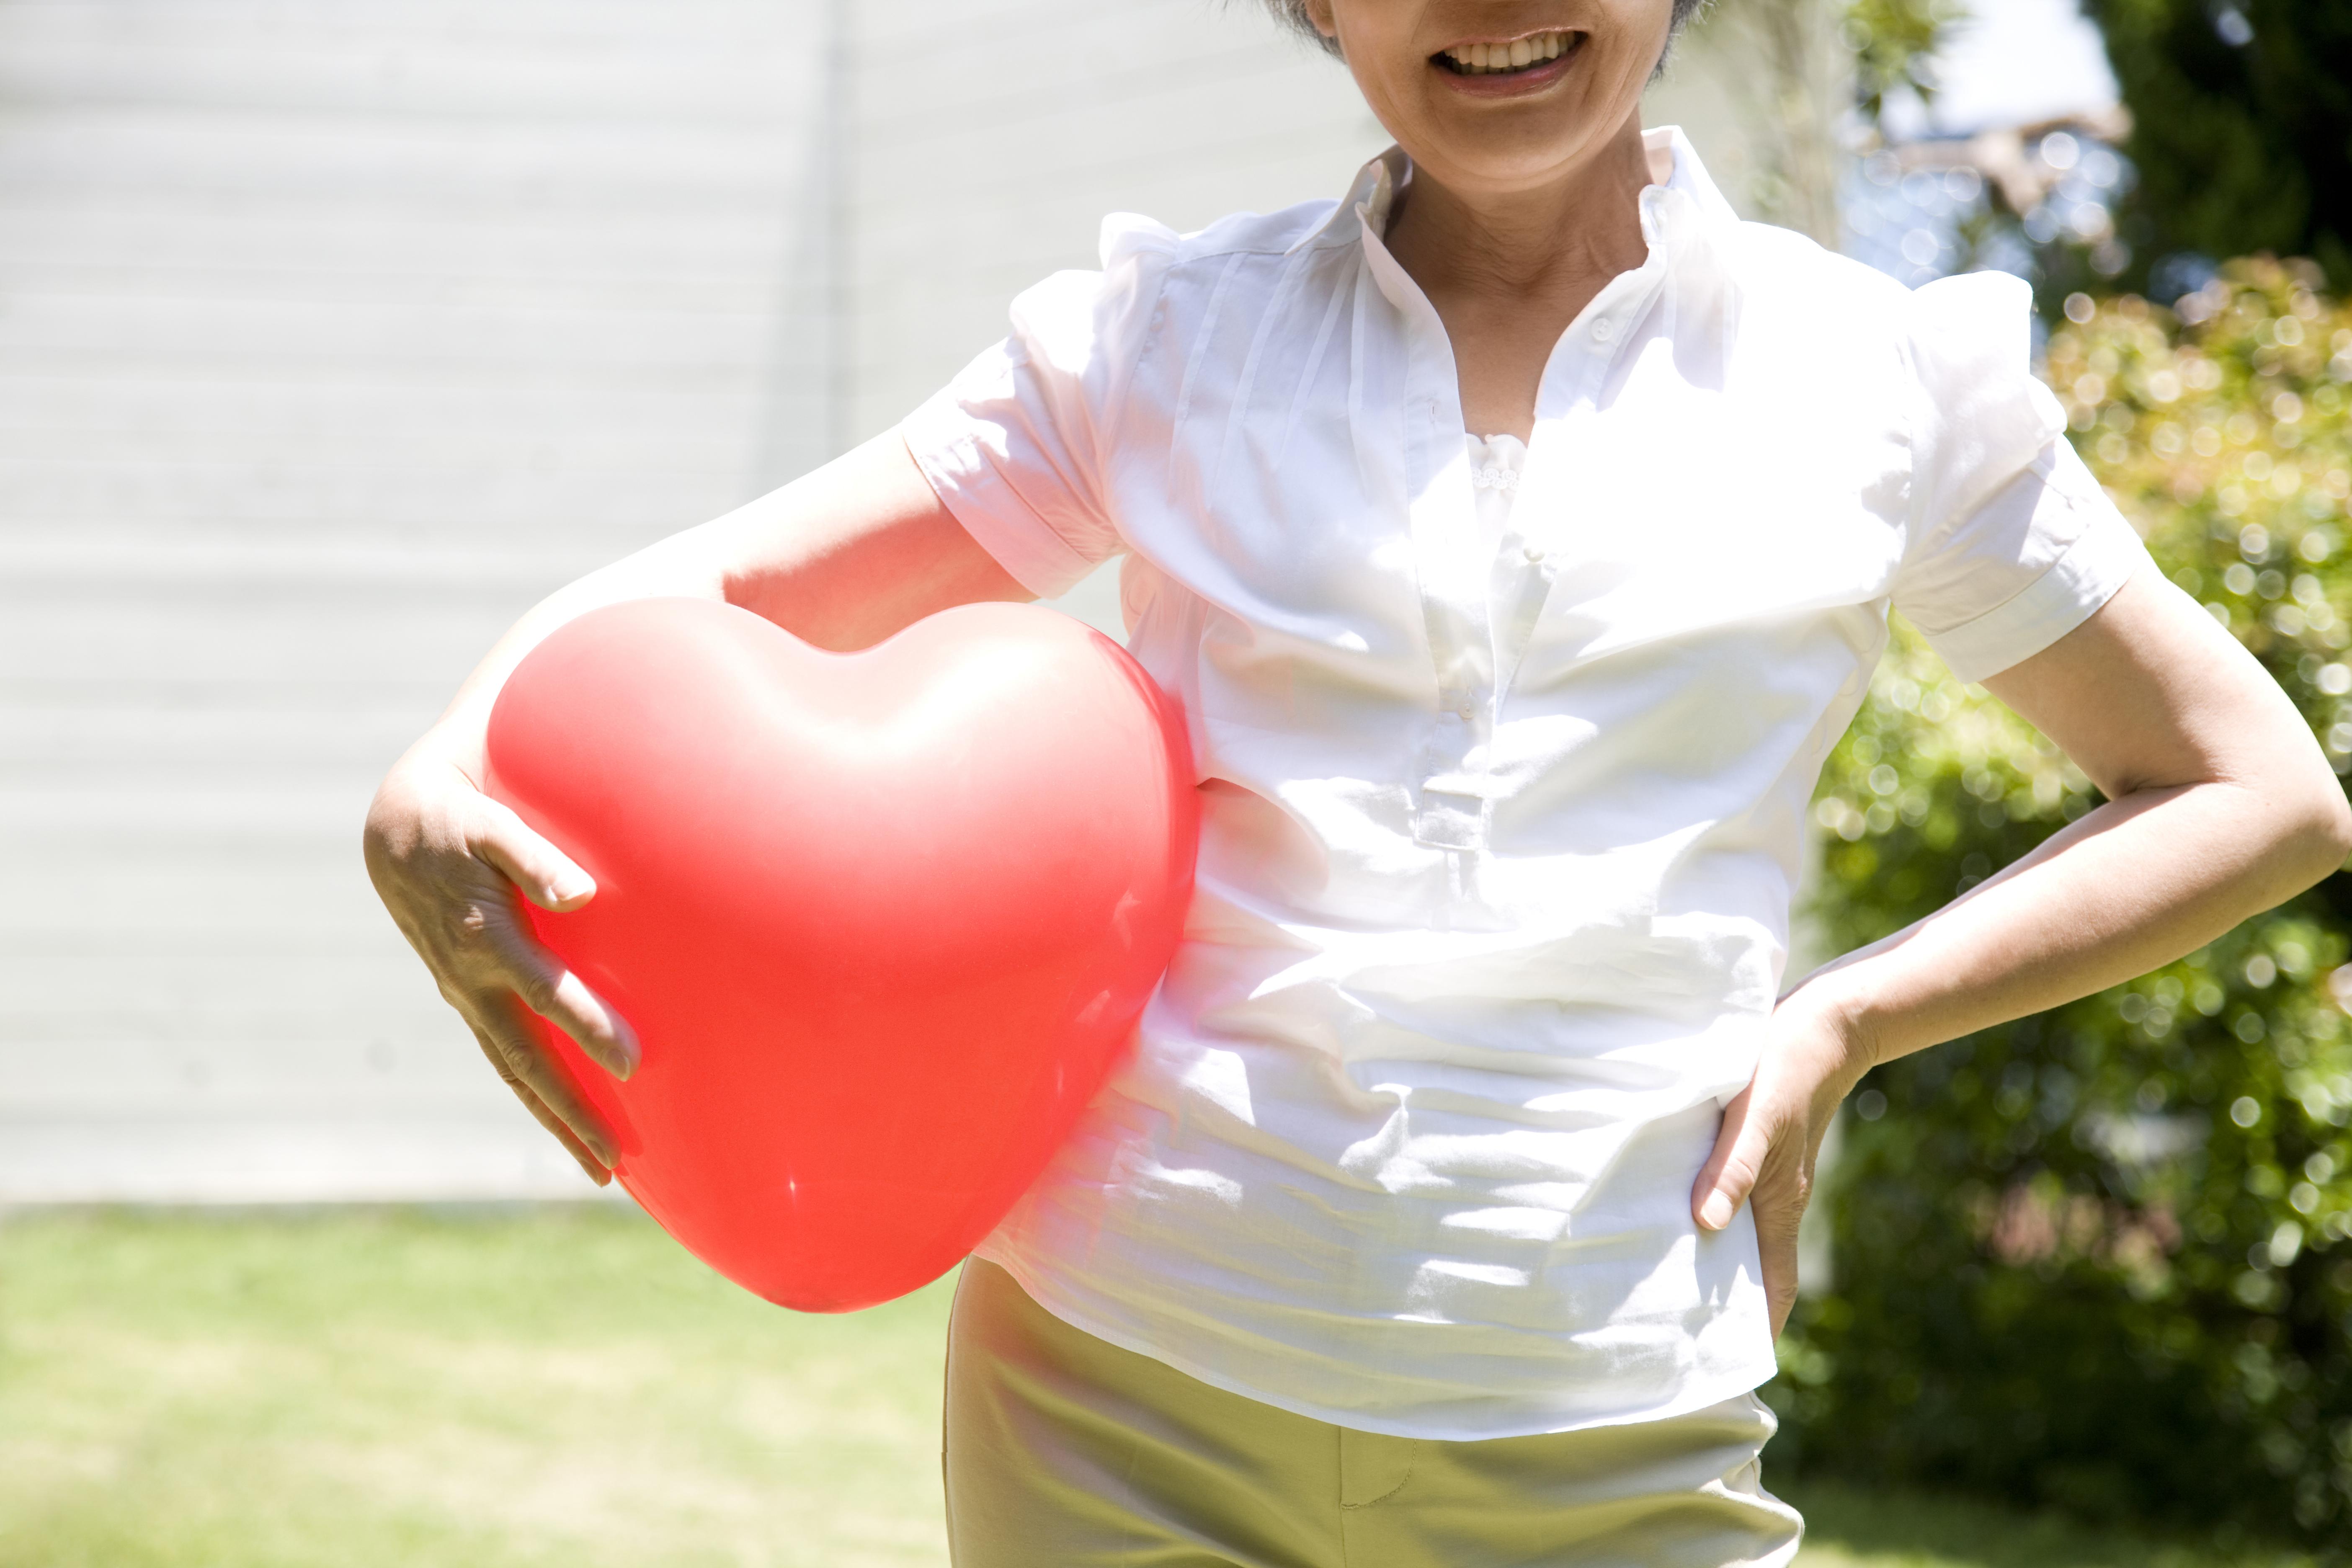 Как укрепить сердце и сосуды: упражнения,советы,продукт